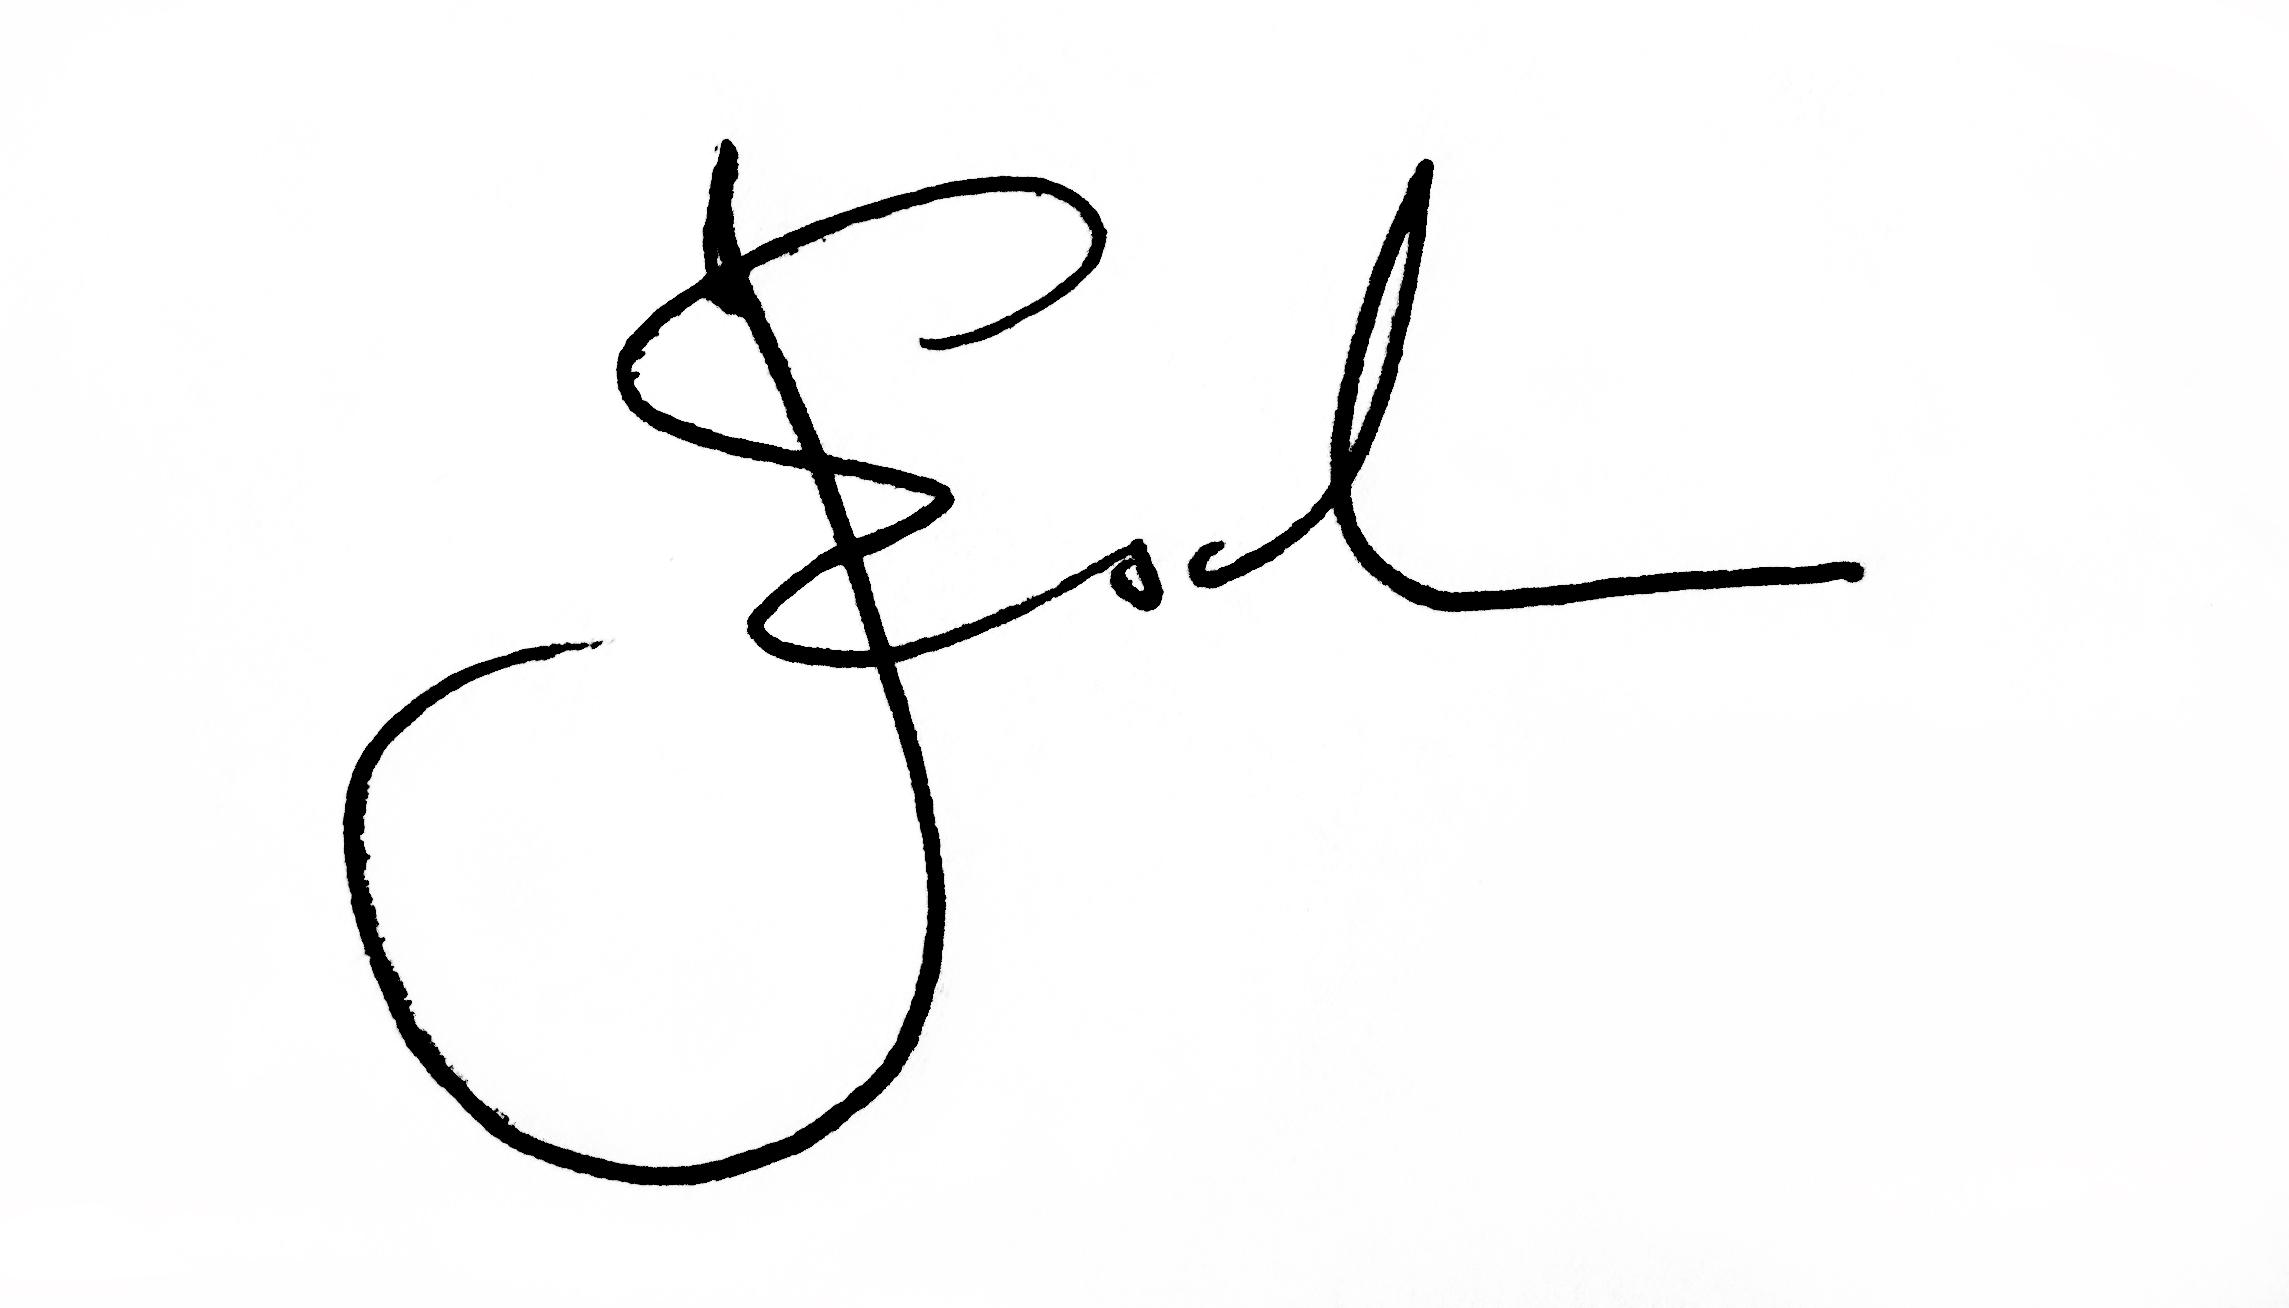 Jae Esch Signature